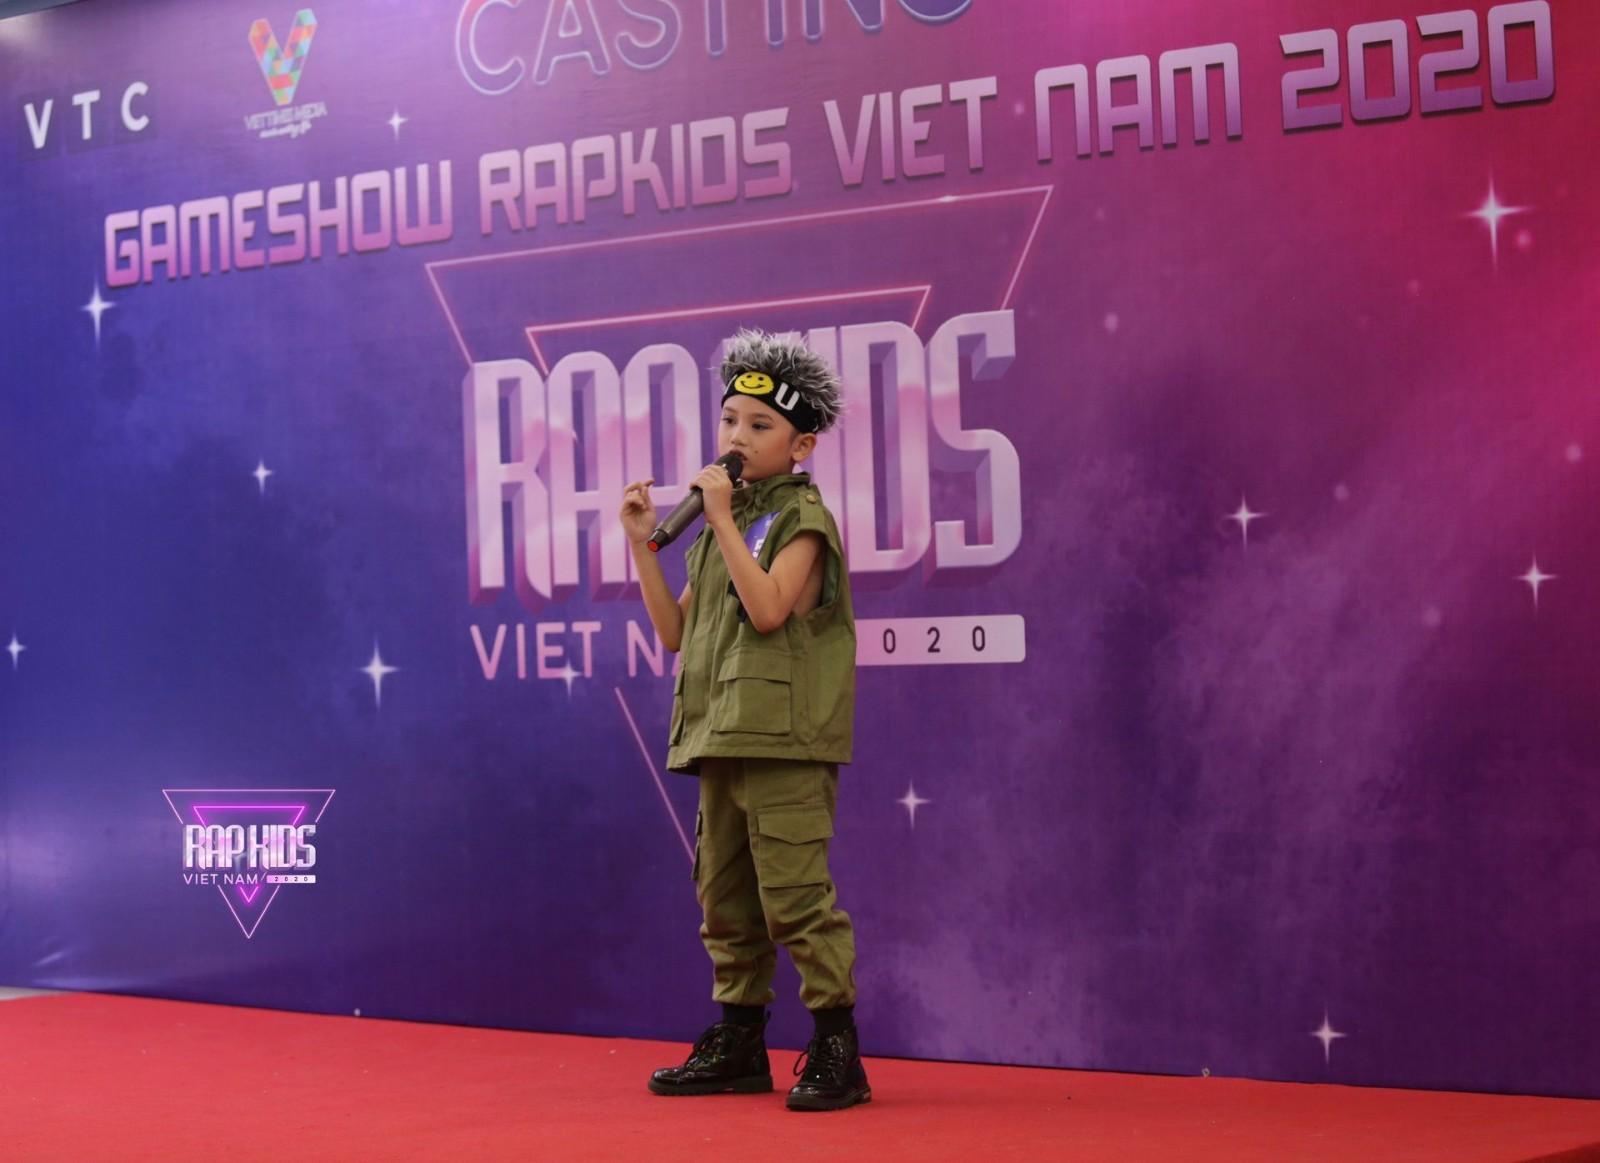 """Tập 1 """"Rap Kids Việt Nam 2020"""" điểm nhấn với nhiều thí sinh biết dùng nhạc cụ, còn Giám khảo và MC """"lộ"""" nhiều hạn chế"""